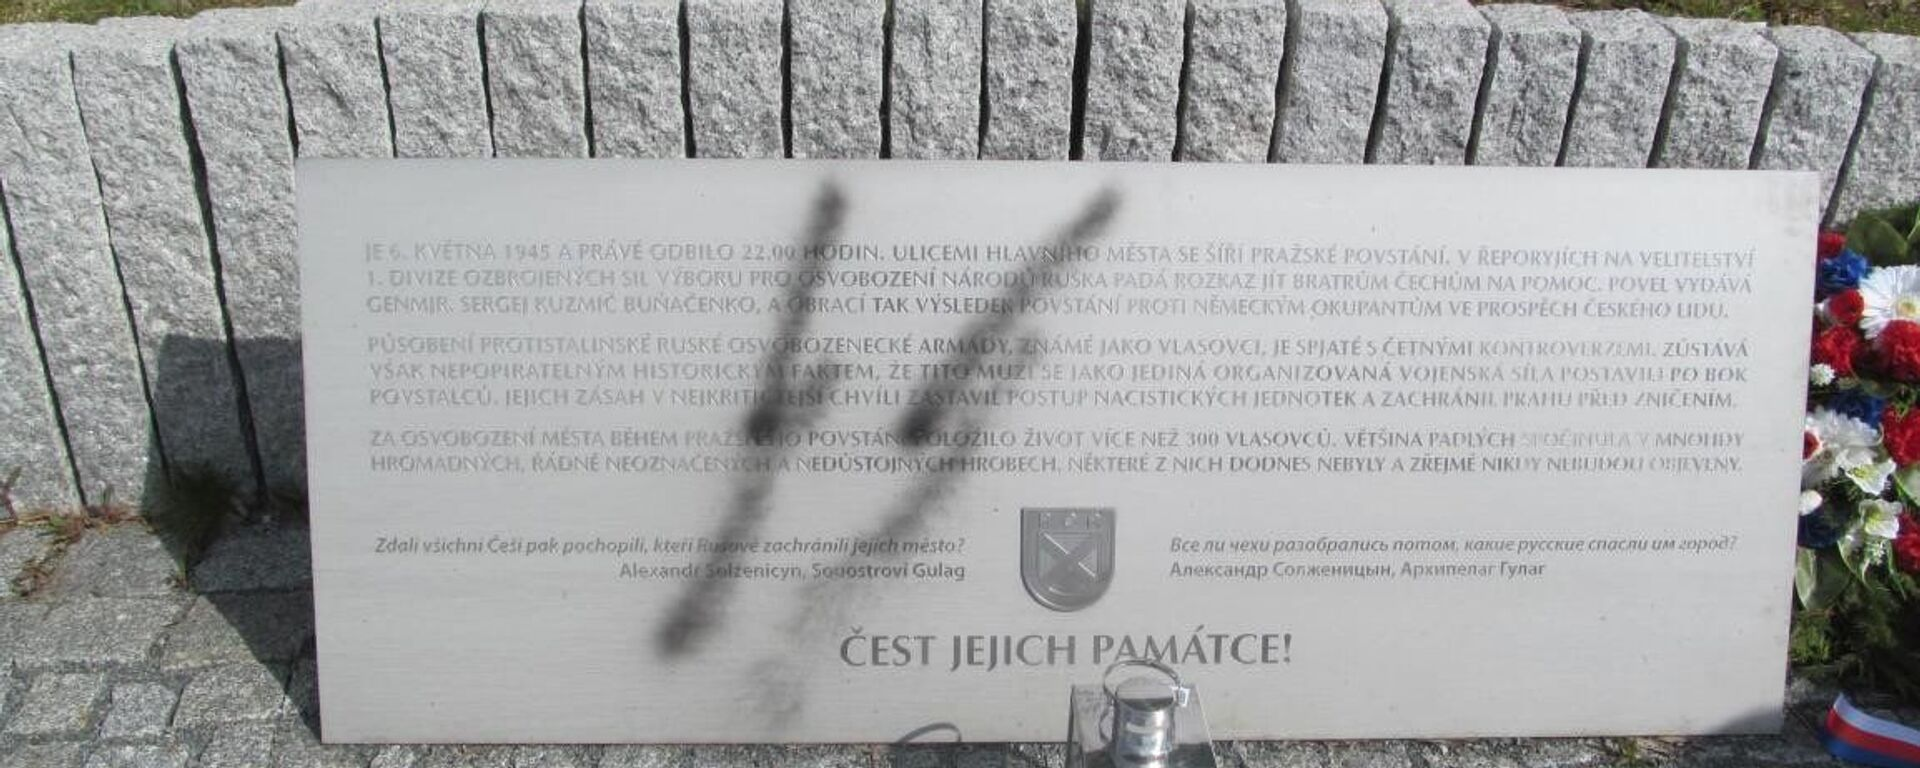 Pomník vlasovců v Řeporyjích byl posprejován - Sputnik Česká republika, 1920, 07.05.2021